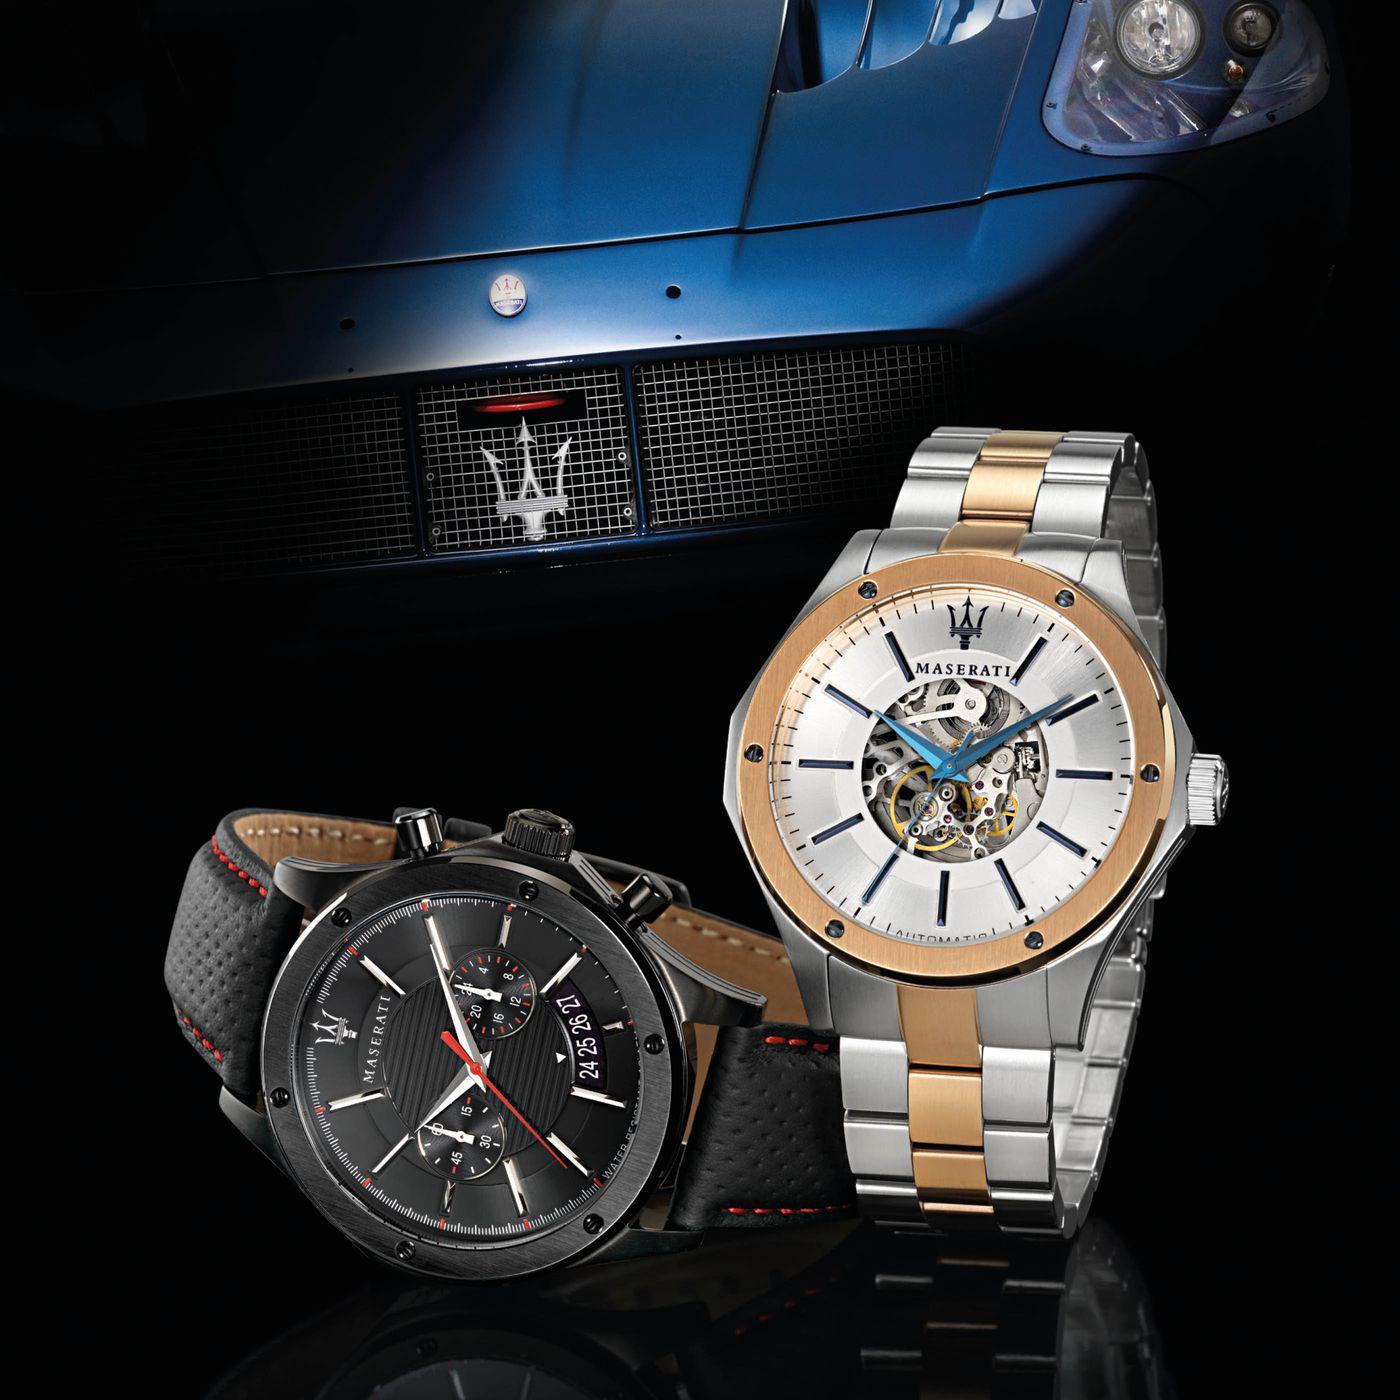 Maserati Watch Collection